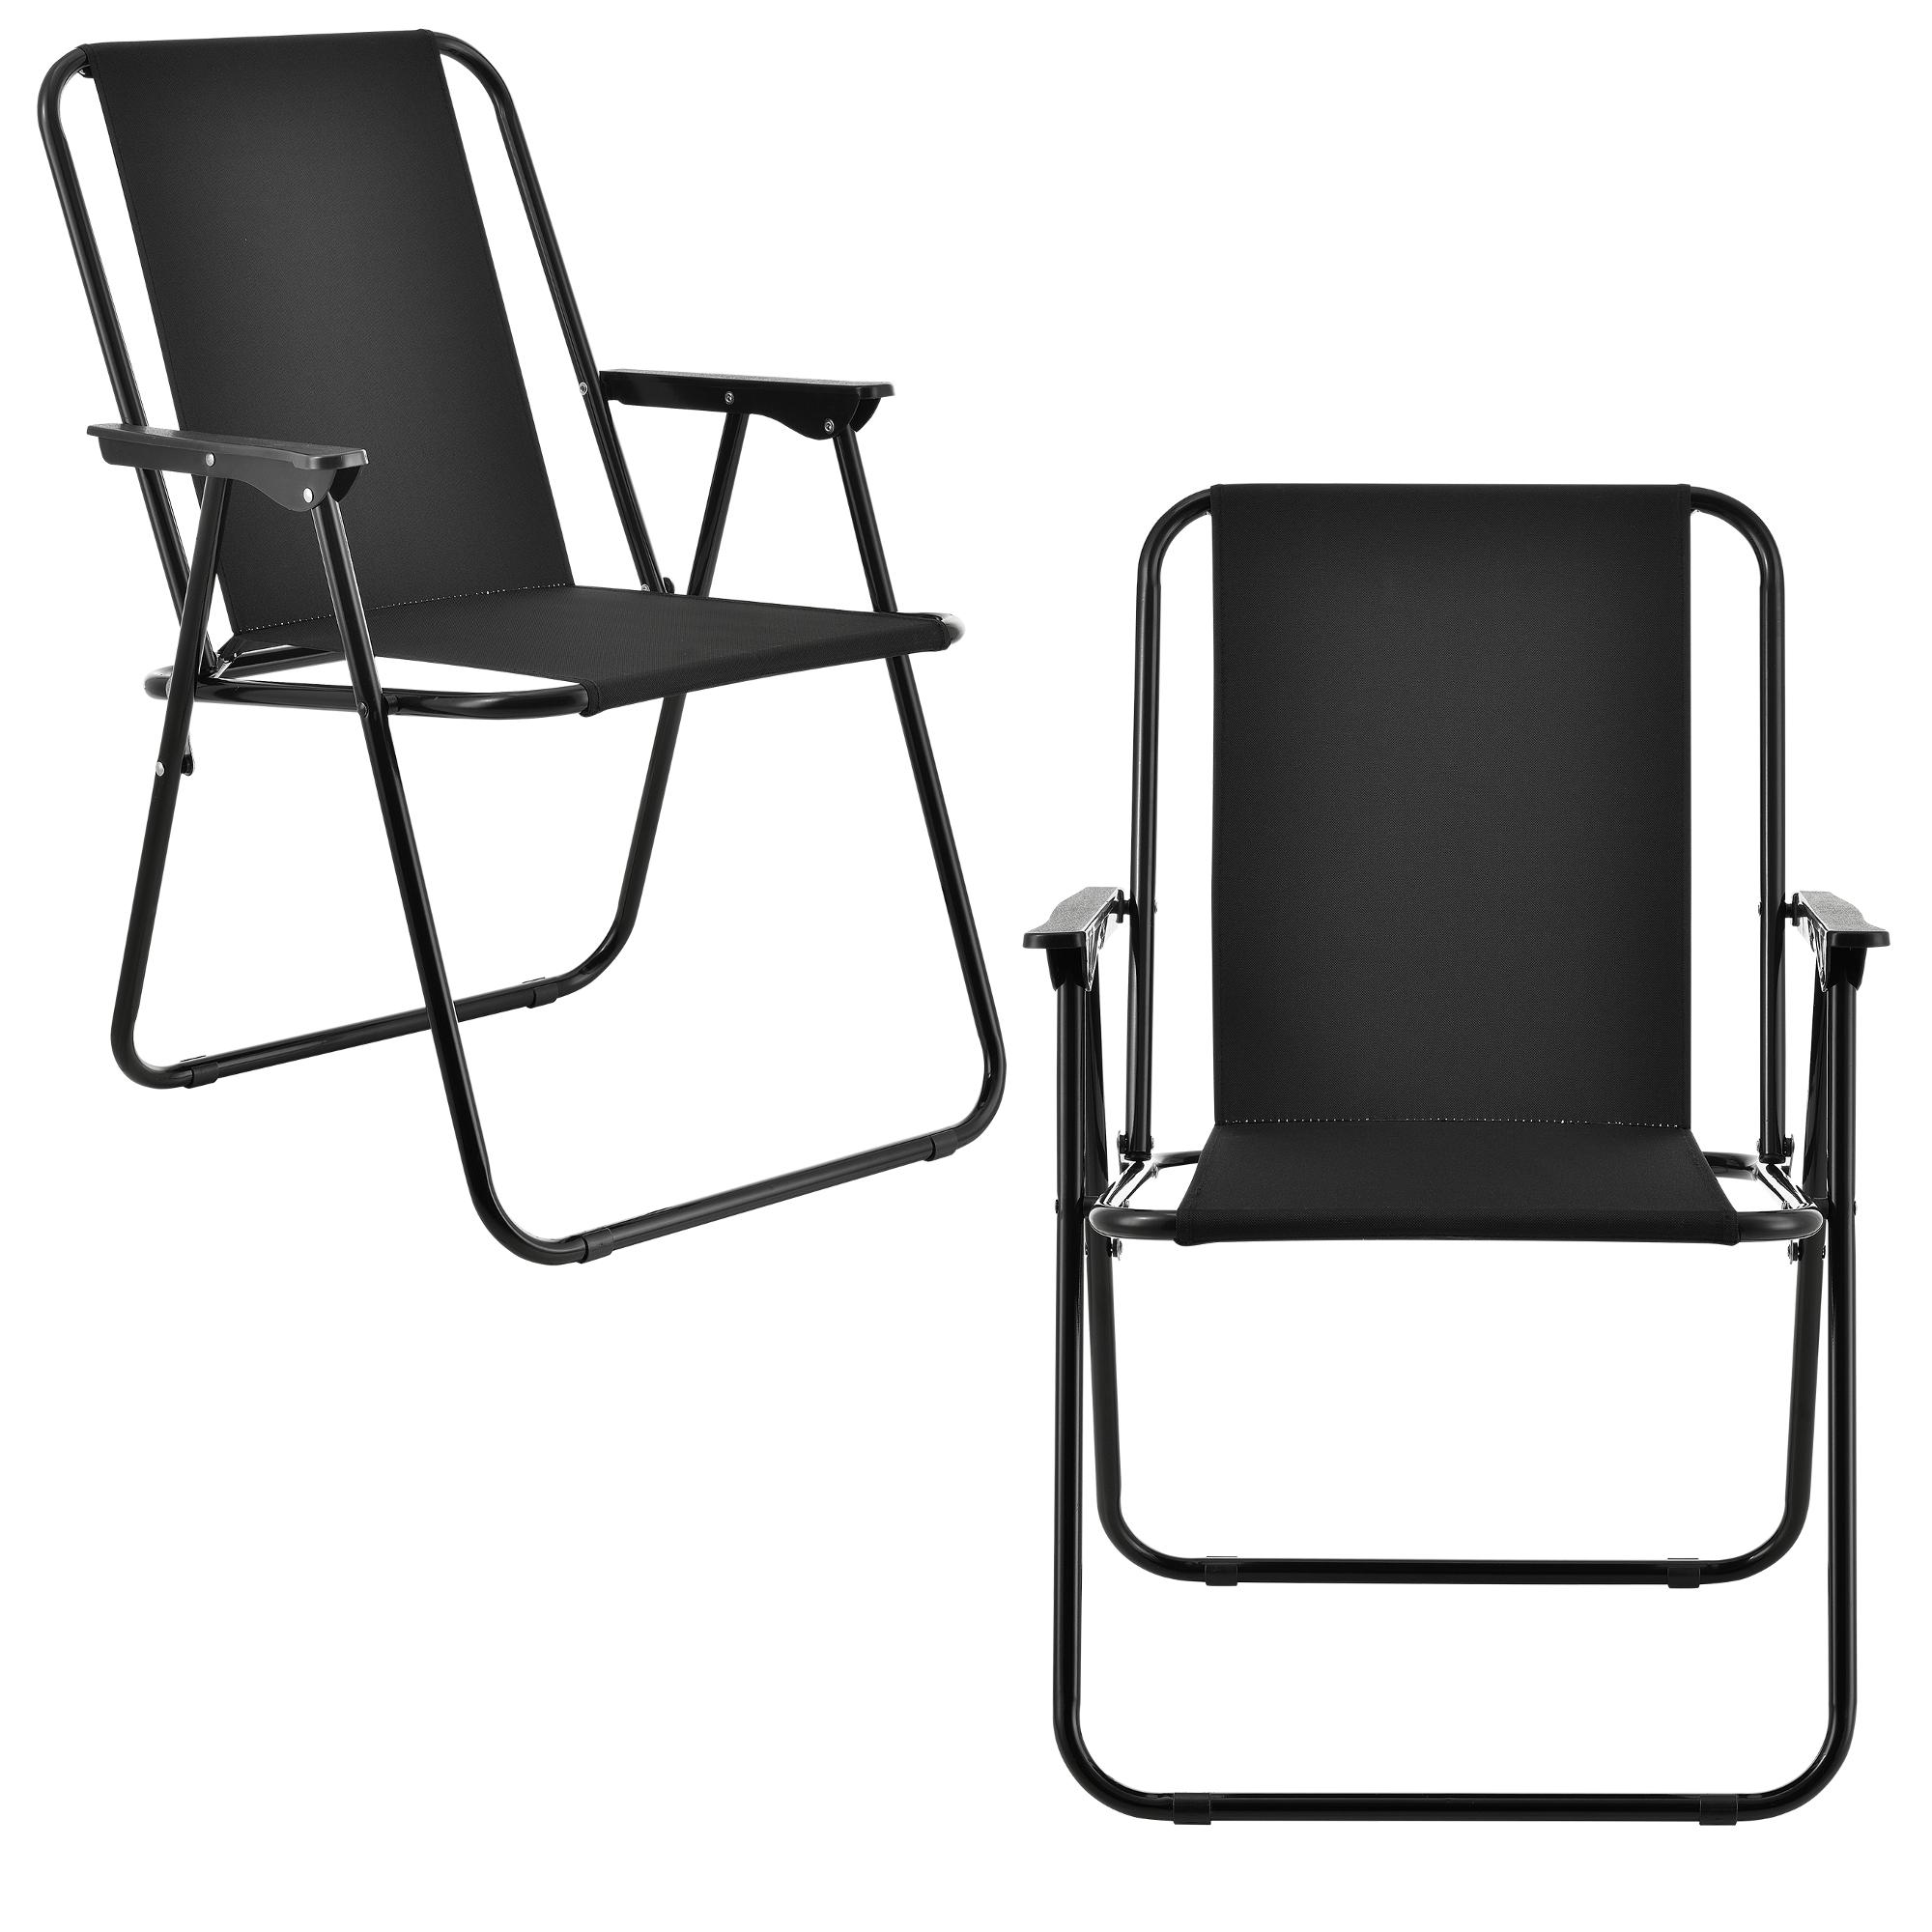 [casa.pro]® Camping židle - dvojité rybářské křeslo set,74 x 54 cm 31 x 37,5 cm,černá